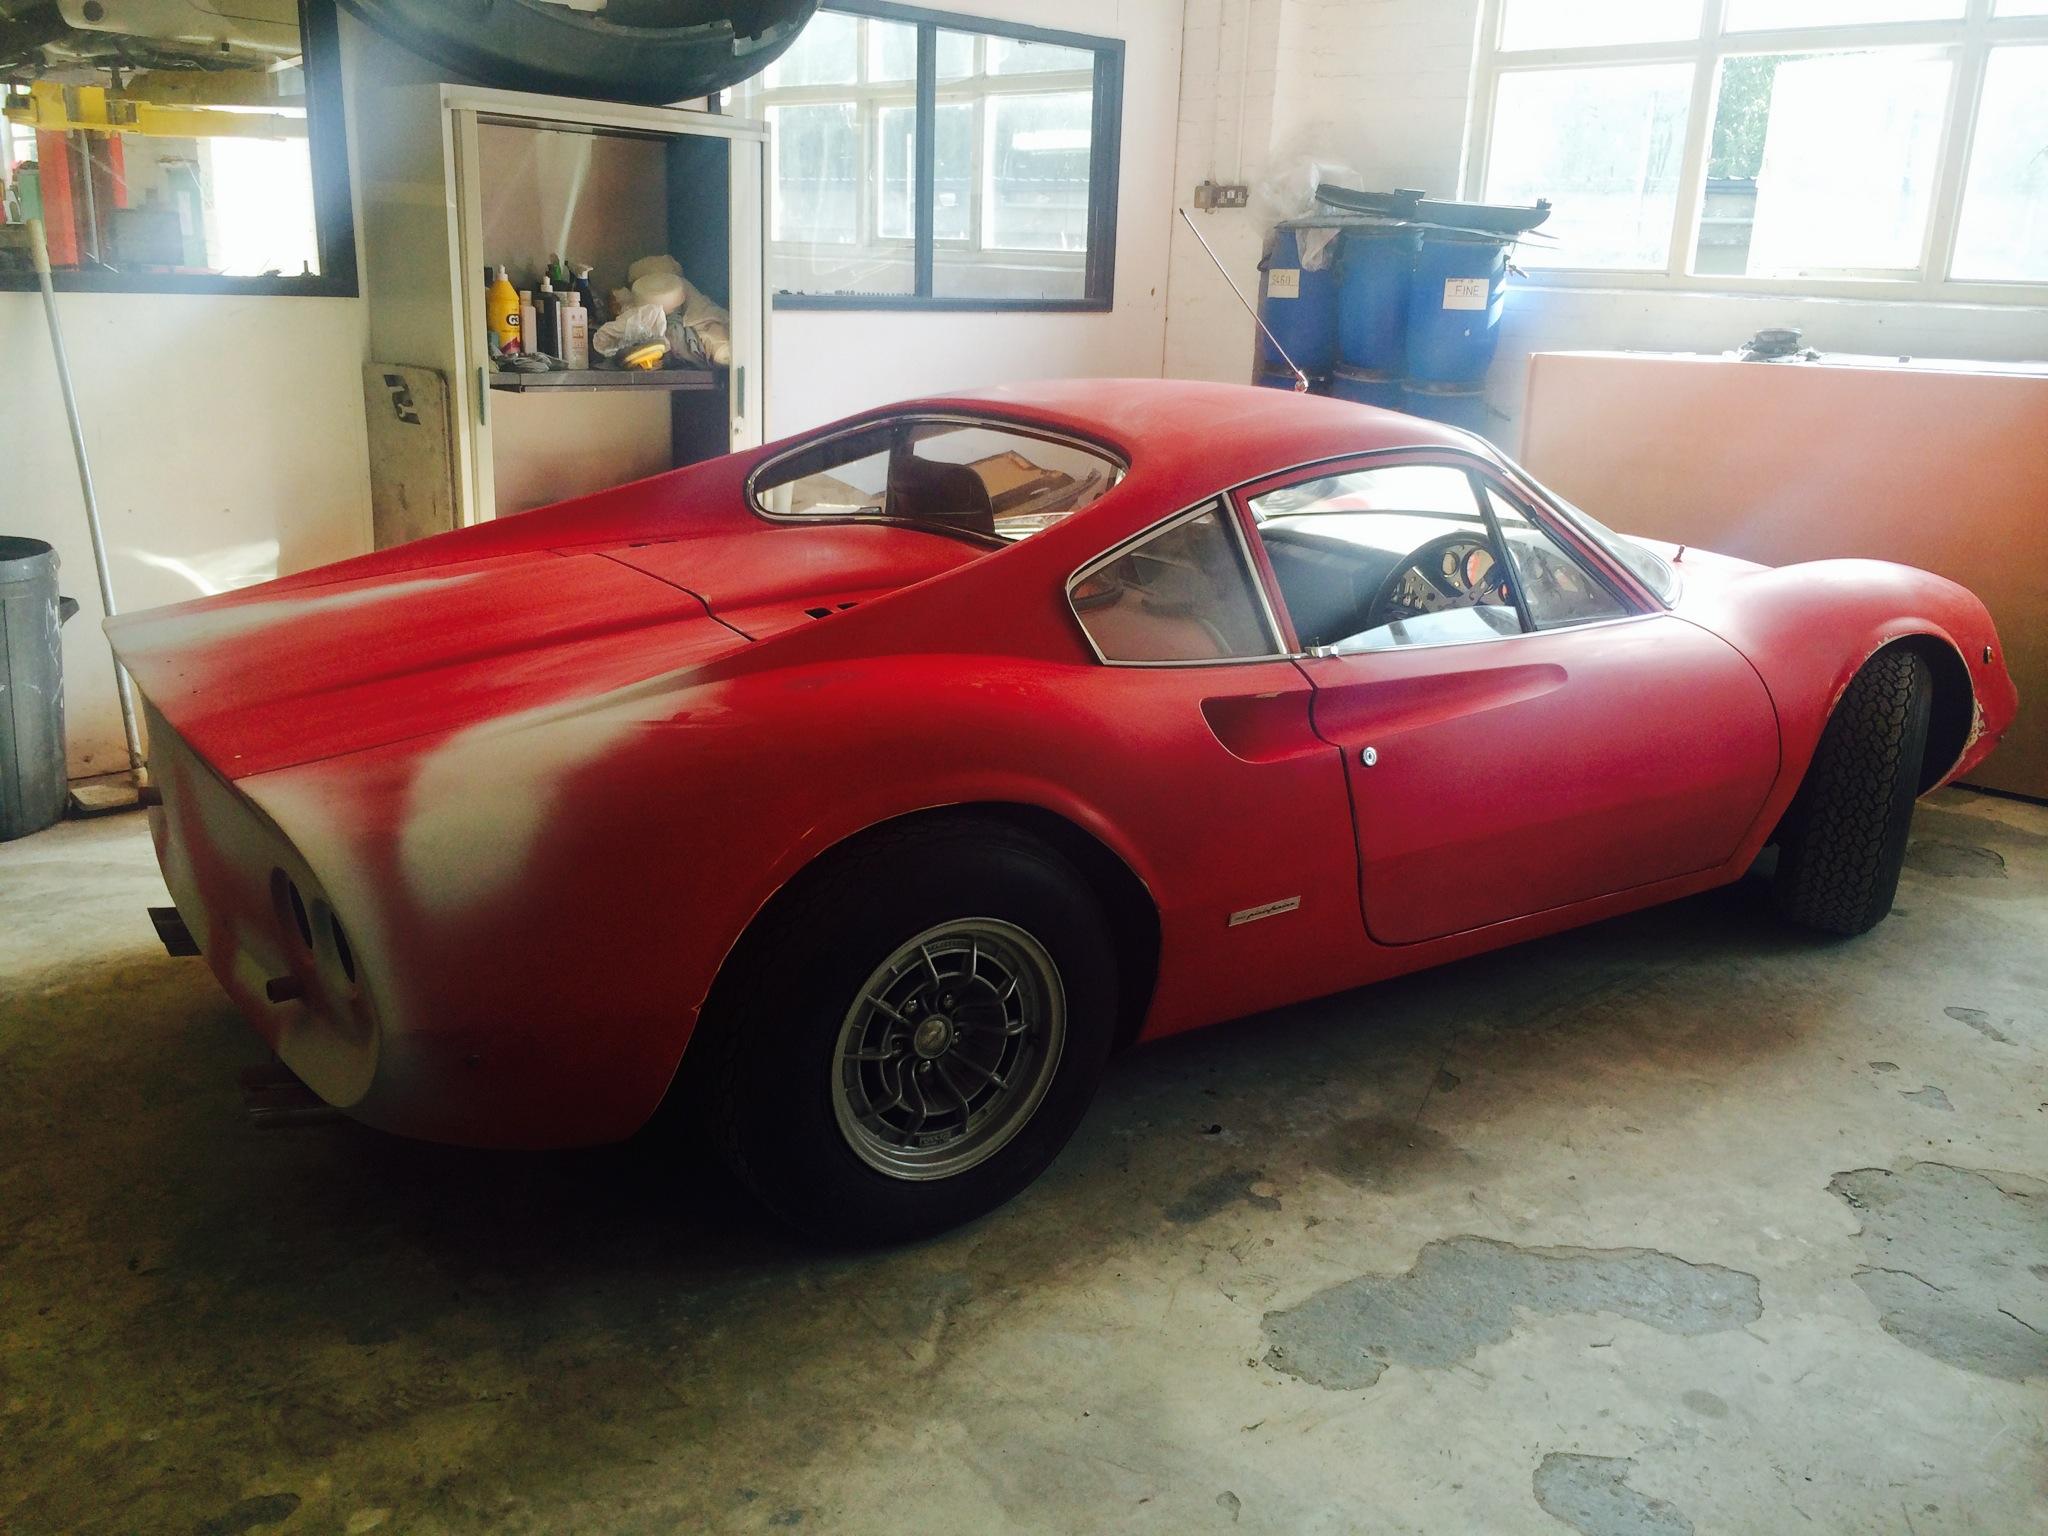 Rare 1972 Ferrari Dino 246 GT